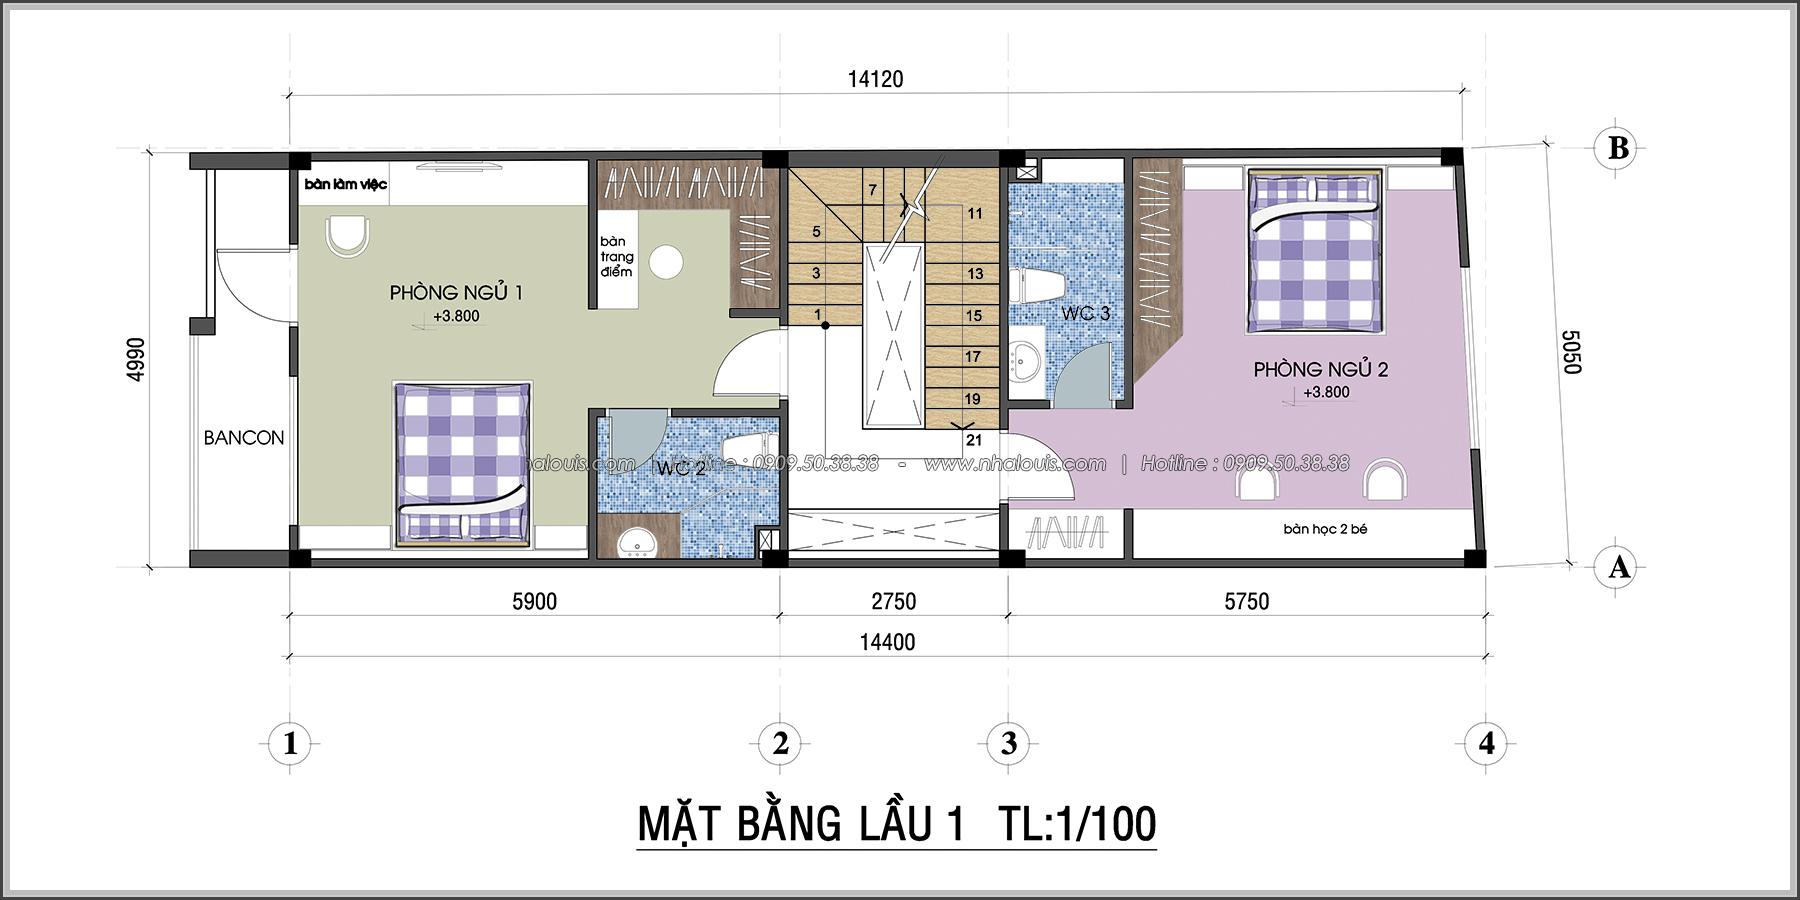 Thiết kế nhà 3 tầng mặt tiền 5m ở Quận 12 đẹp hiện đại và sang trọng - 05